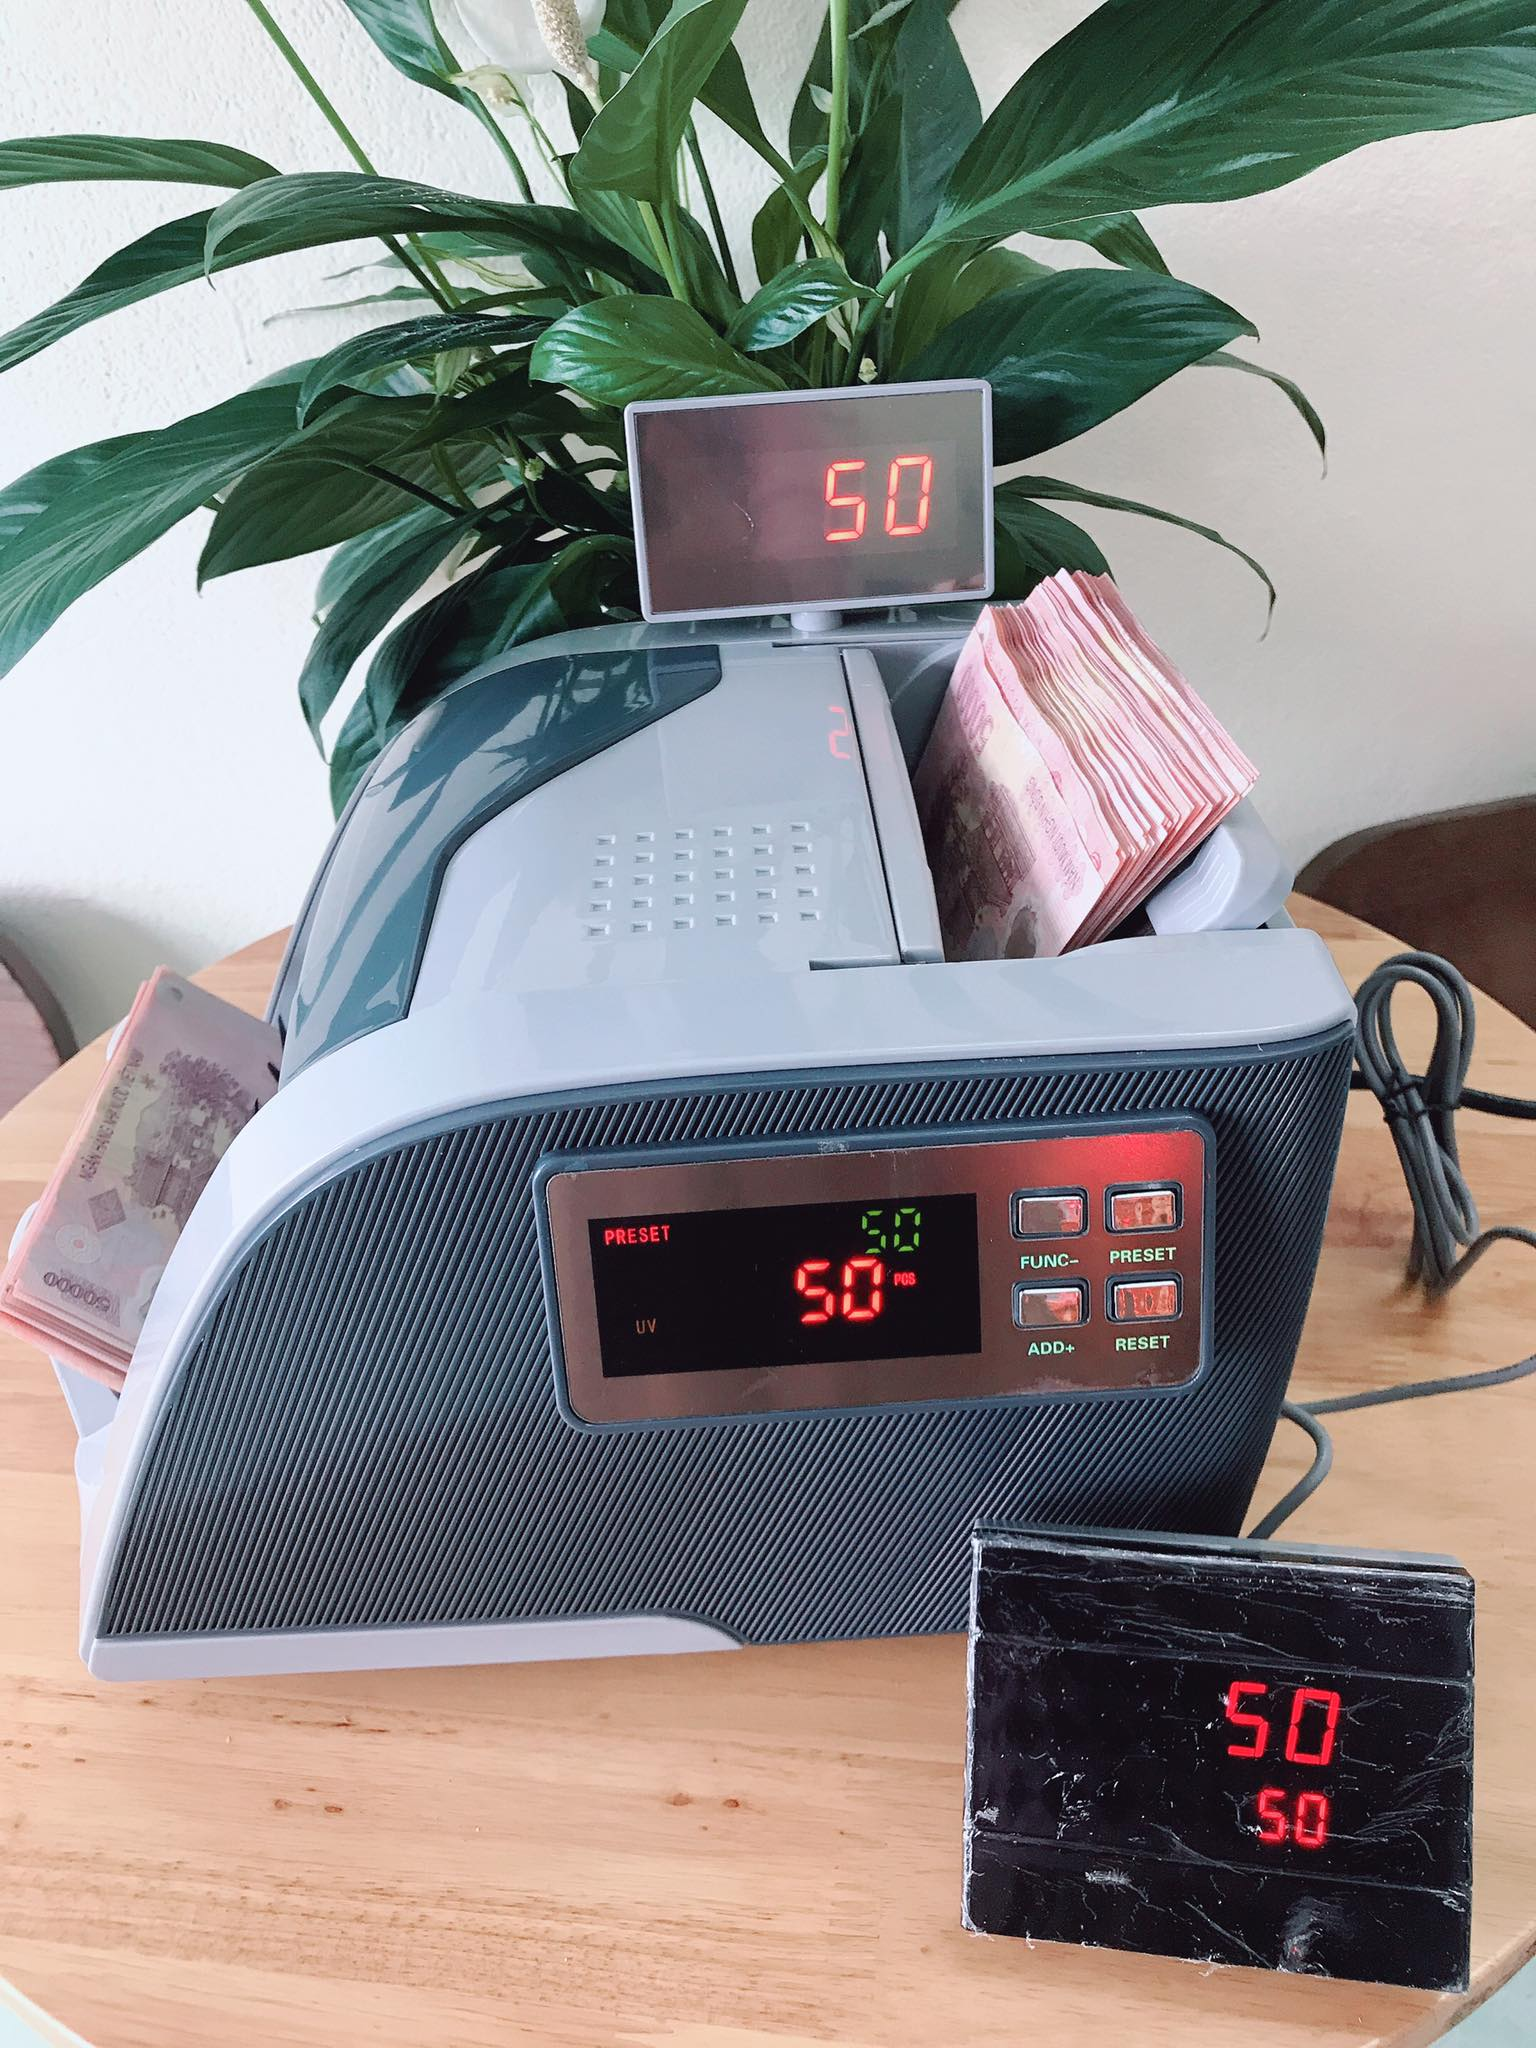 Nhiều mẫu máy đếm tiền tại quận 8 hcm giá rẻ